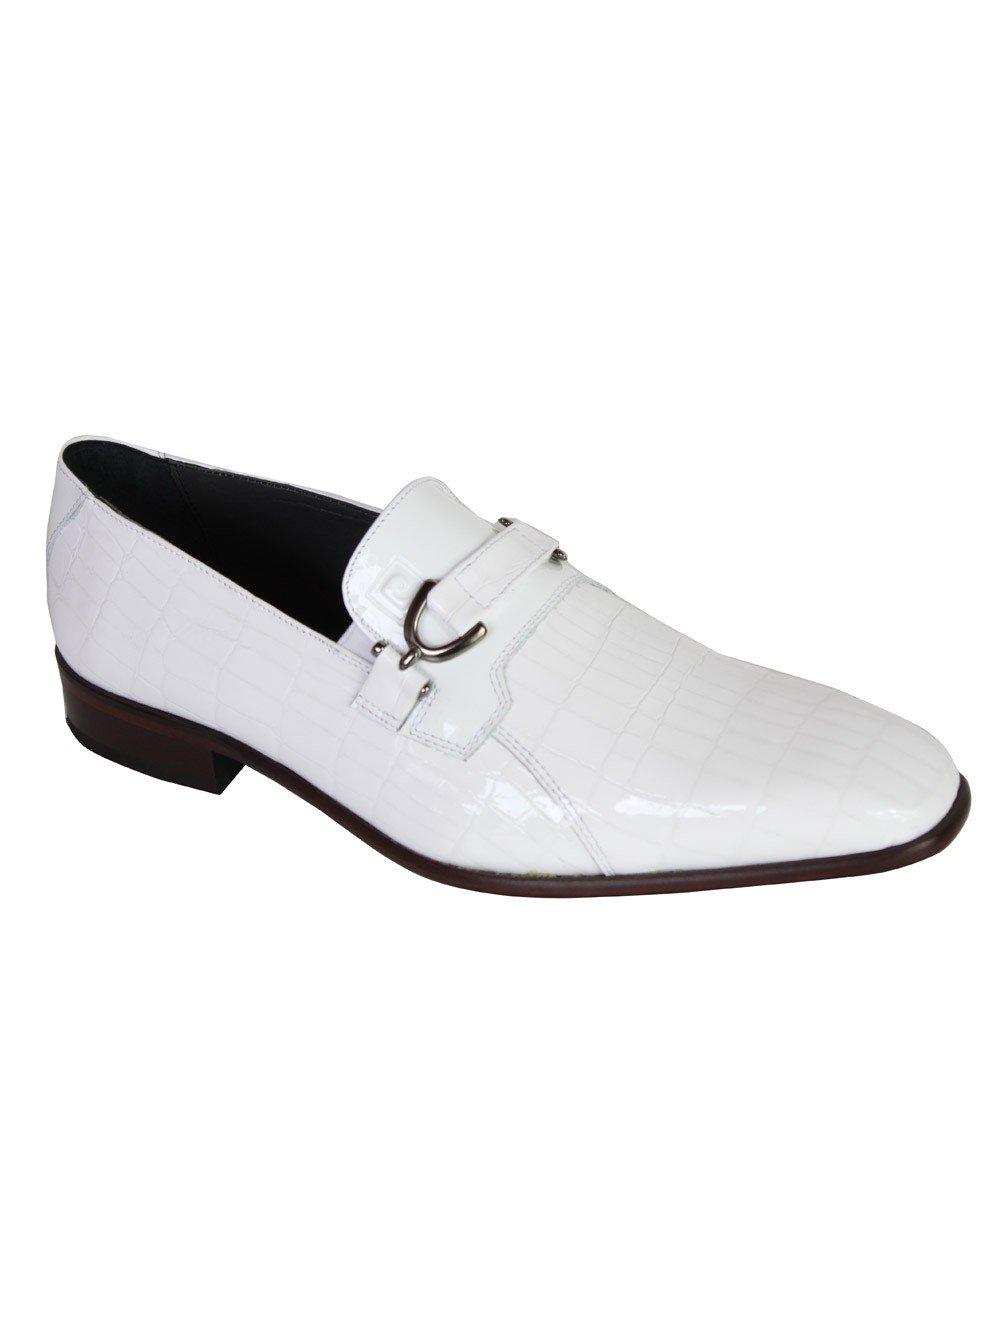 Pierre Cardin - Justo 45 EU Blanc Zapatos de moda en línea Obtenga el mejor descuento de venta caliente-Descuento más grande